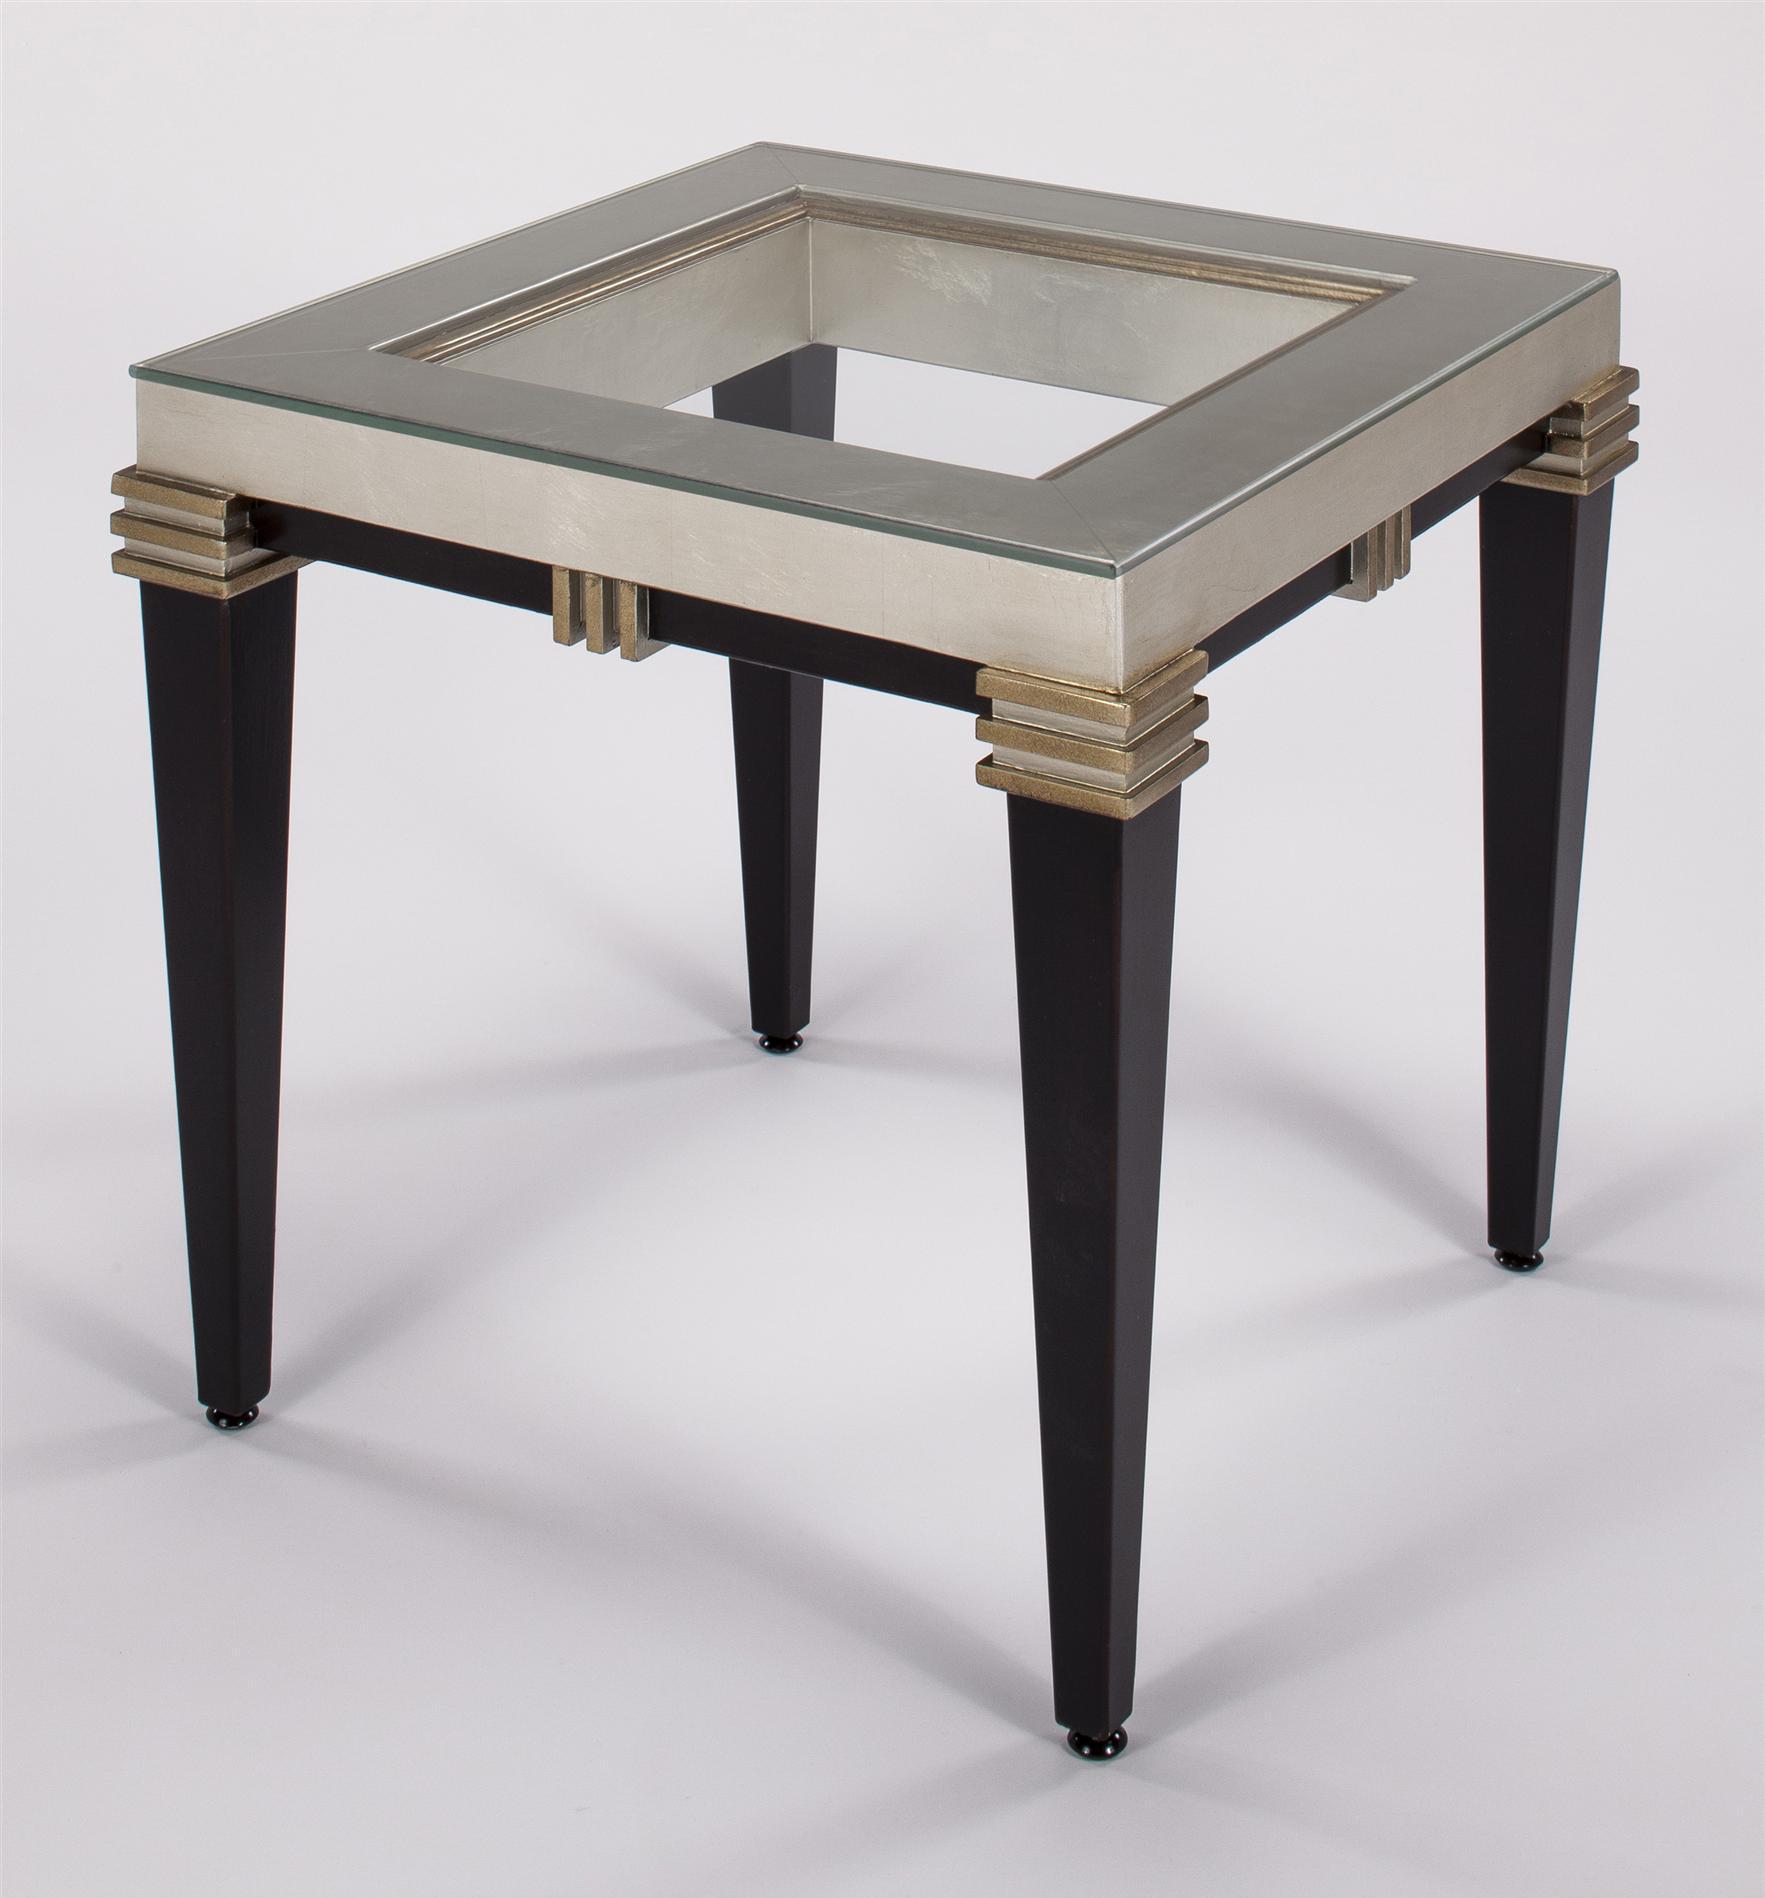 Журнальный стол квадратный с прозрачной столешницей из стеклом